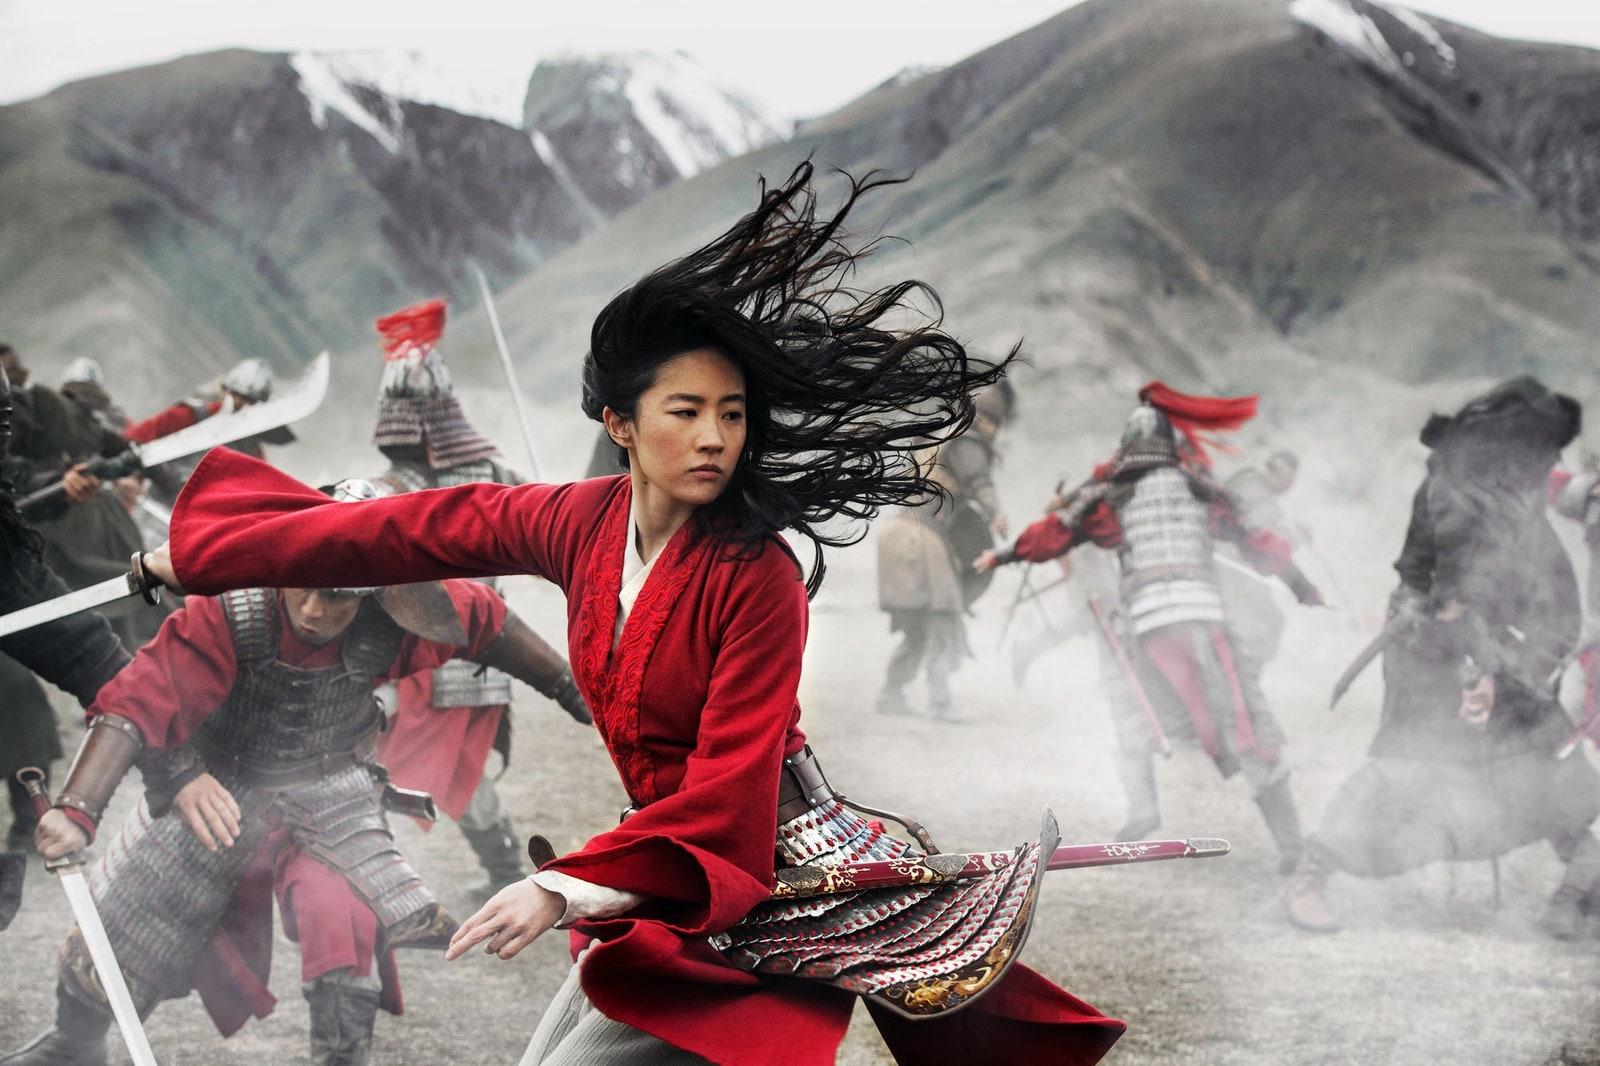 Kobieta walczącą na wojnie w czerwonym kimonie moda w filmie